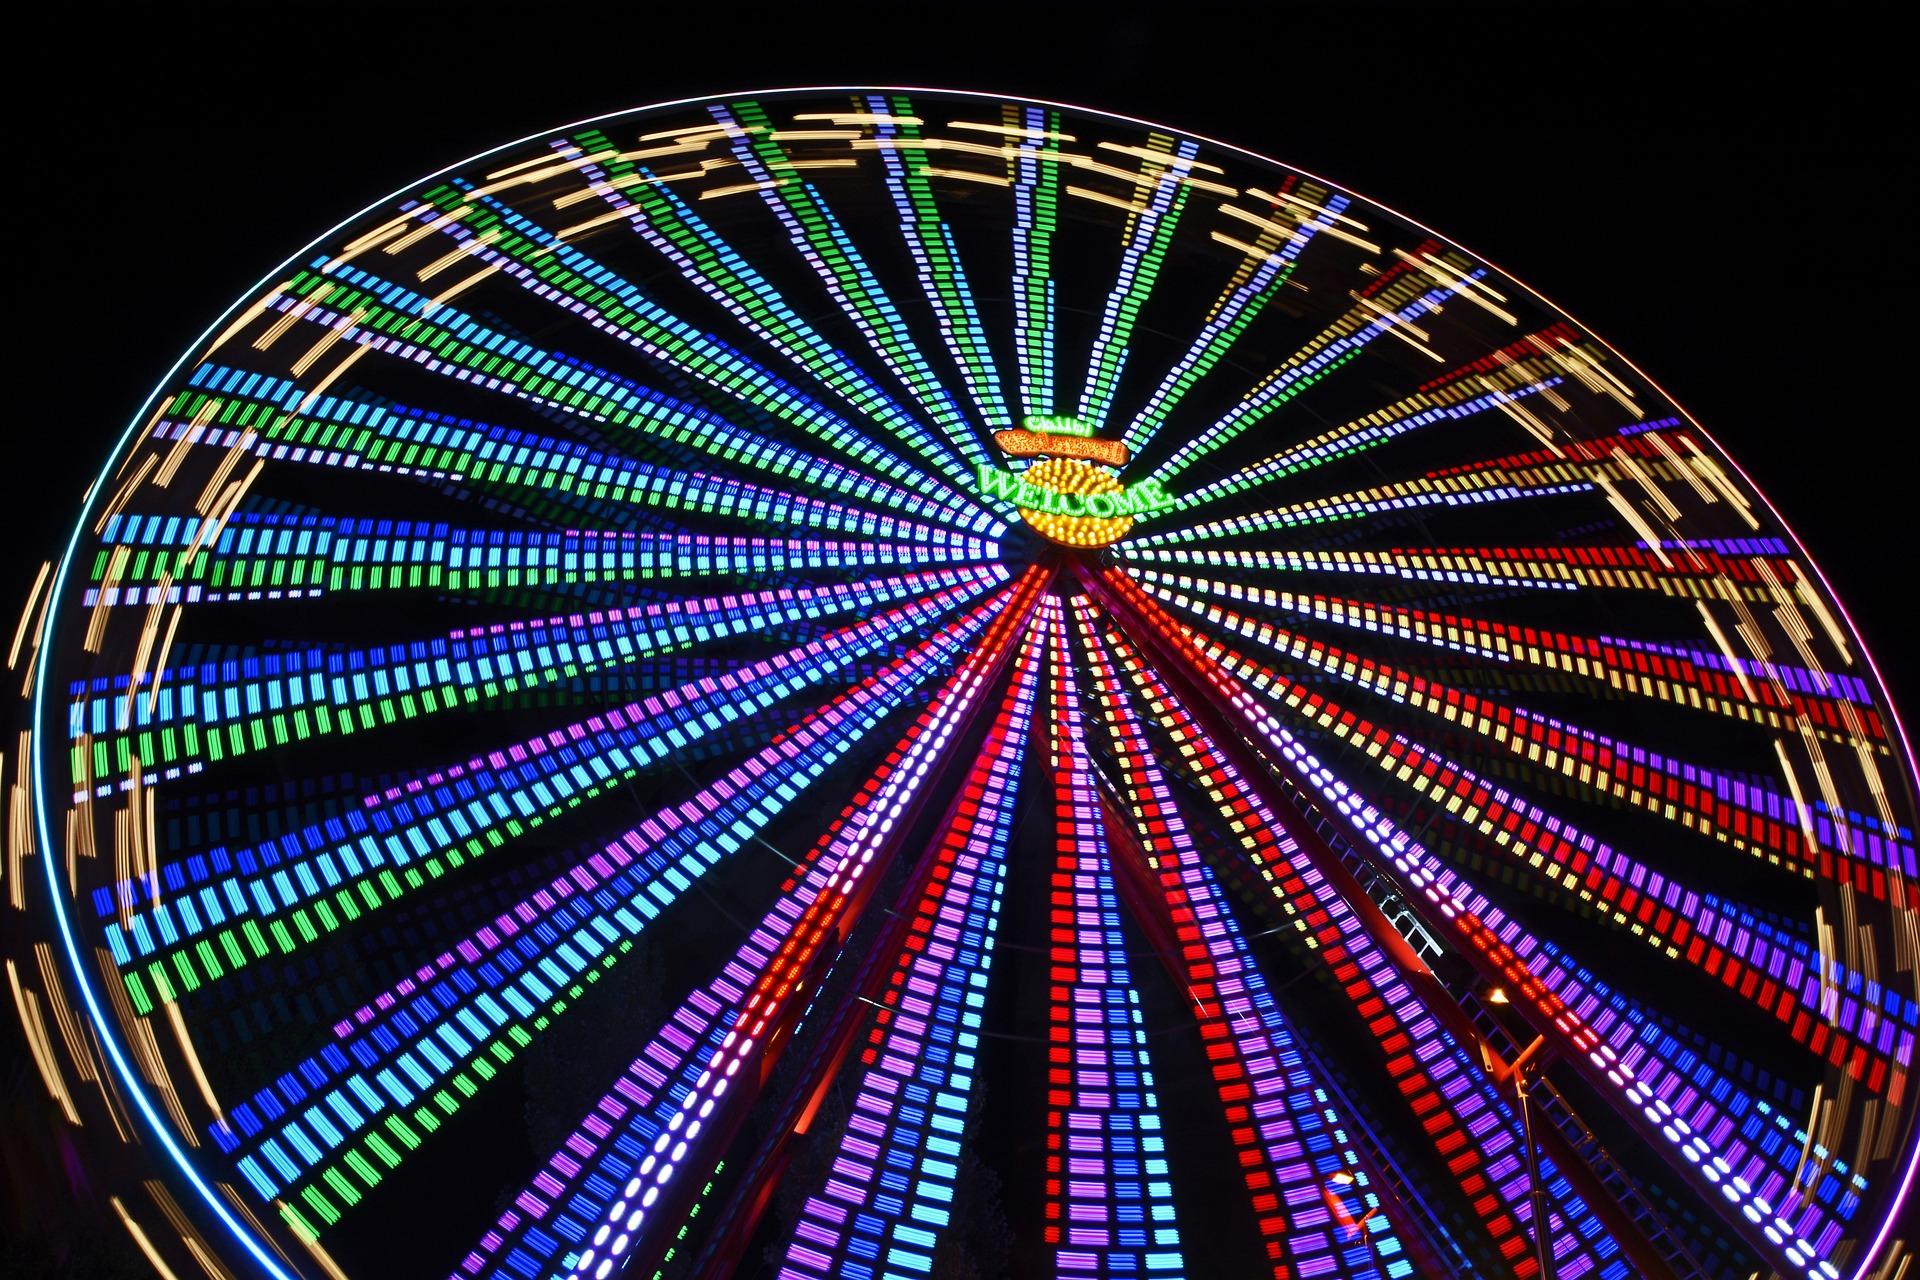 pixabaycom_annca_ferris-wheel-1630934_1920x1280px